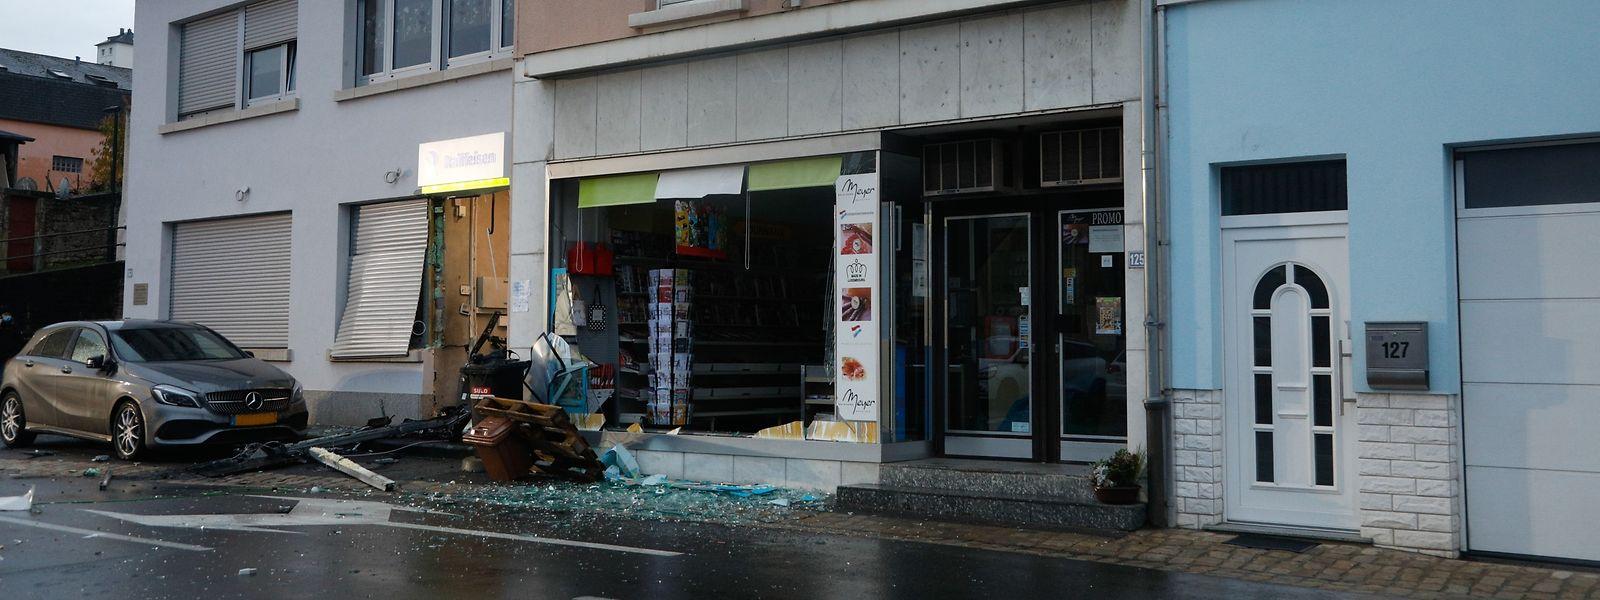 Durch die Explosion wurde auch das Schaufenster des Lebensmittelgeschäftes zerstört.